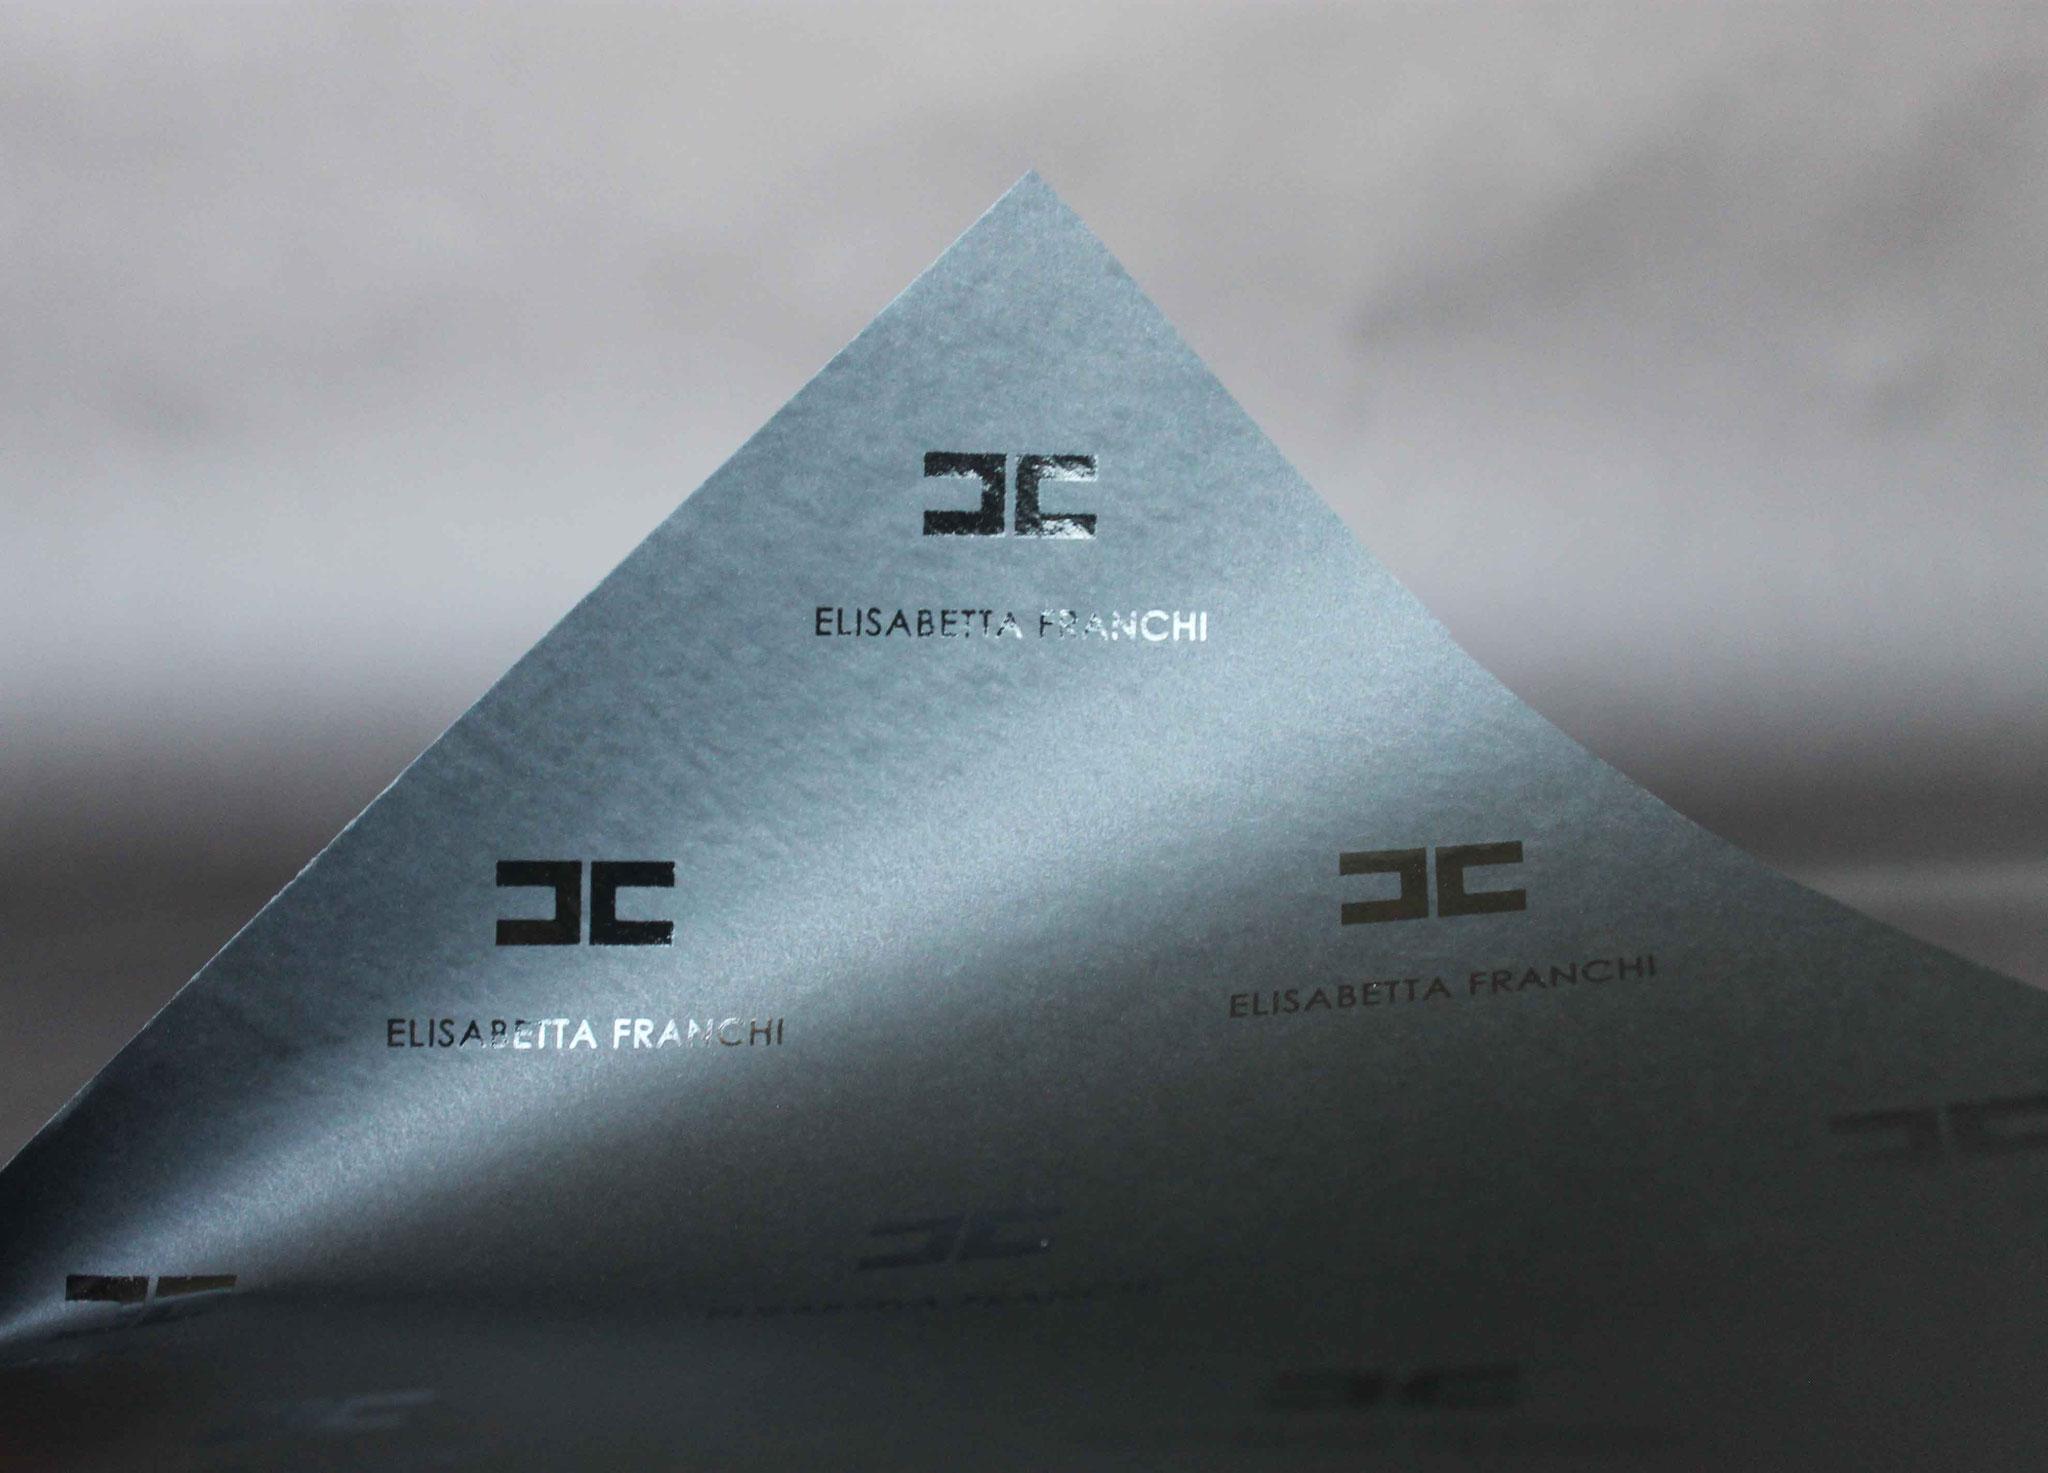 Druck: Weiß + UV-Glanz, Papier: schwarz durchgefärbt